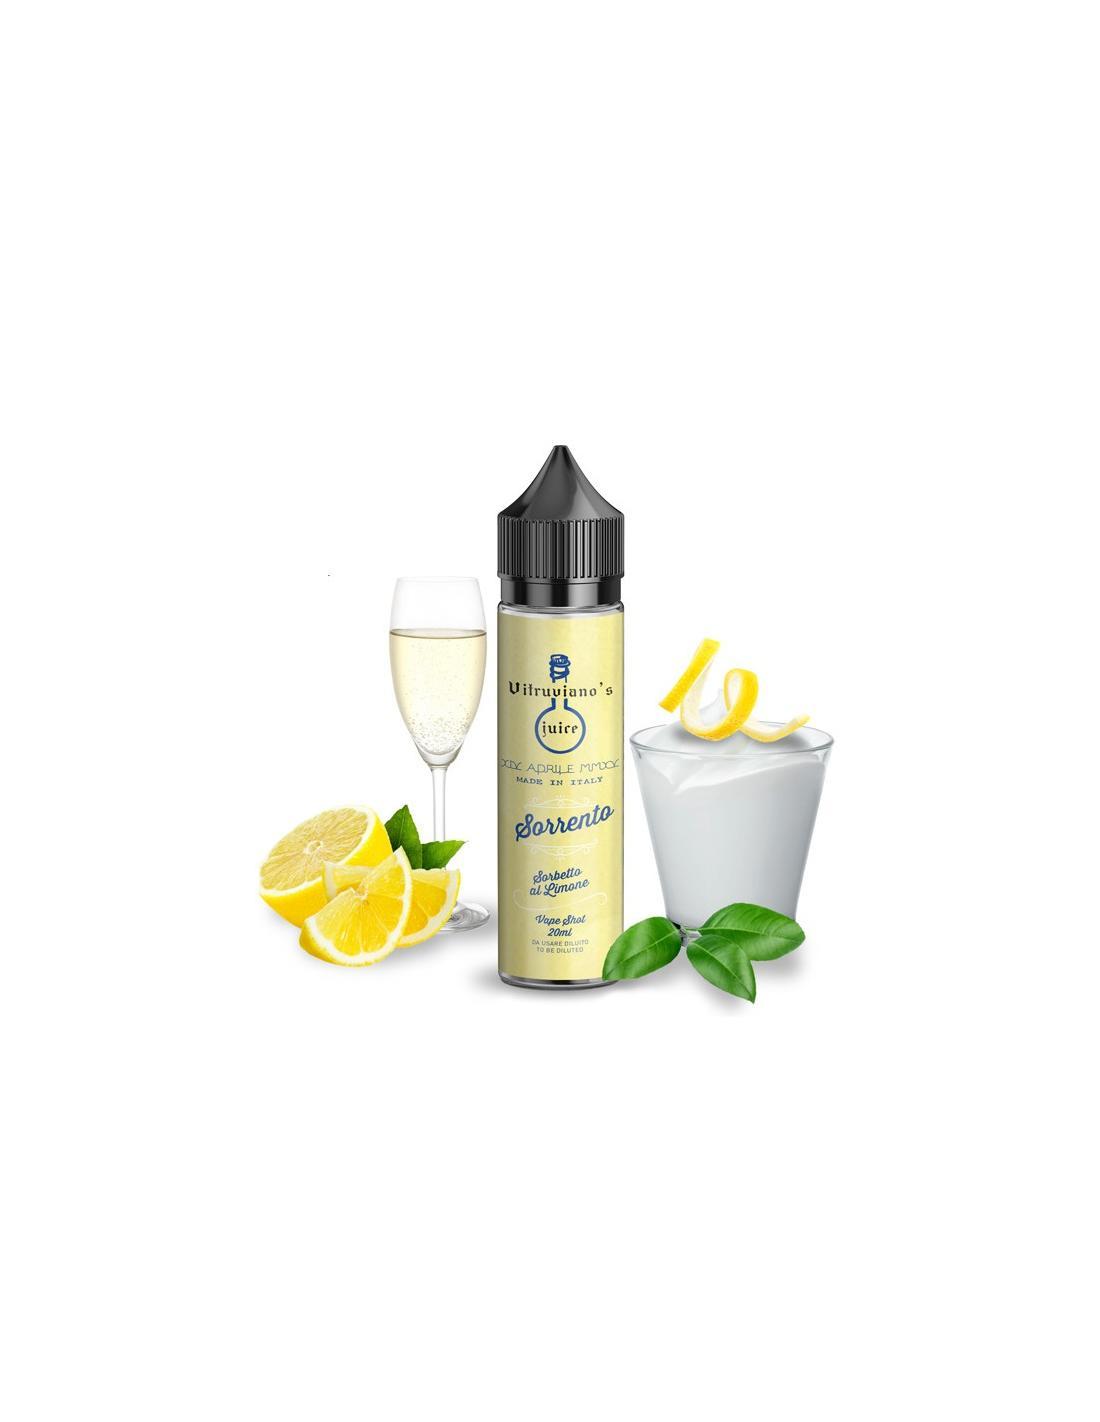 Vitruviano's Juice Sorrento Liquido 20ml Sorbetto Al Limone